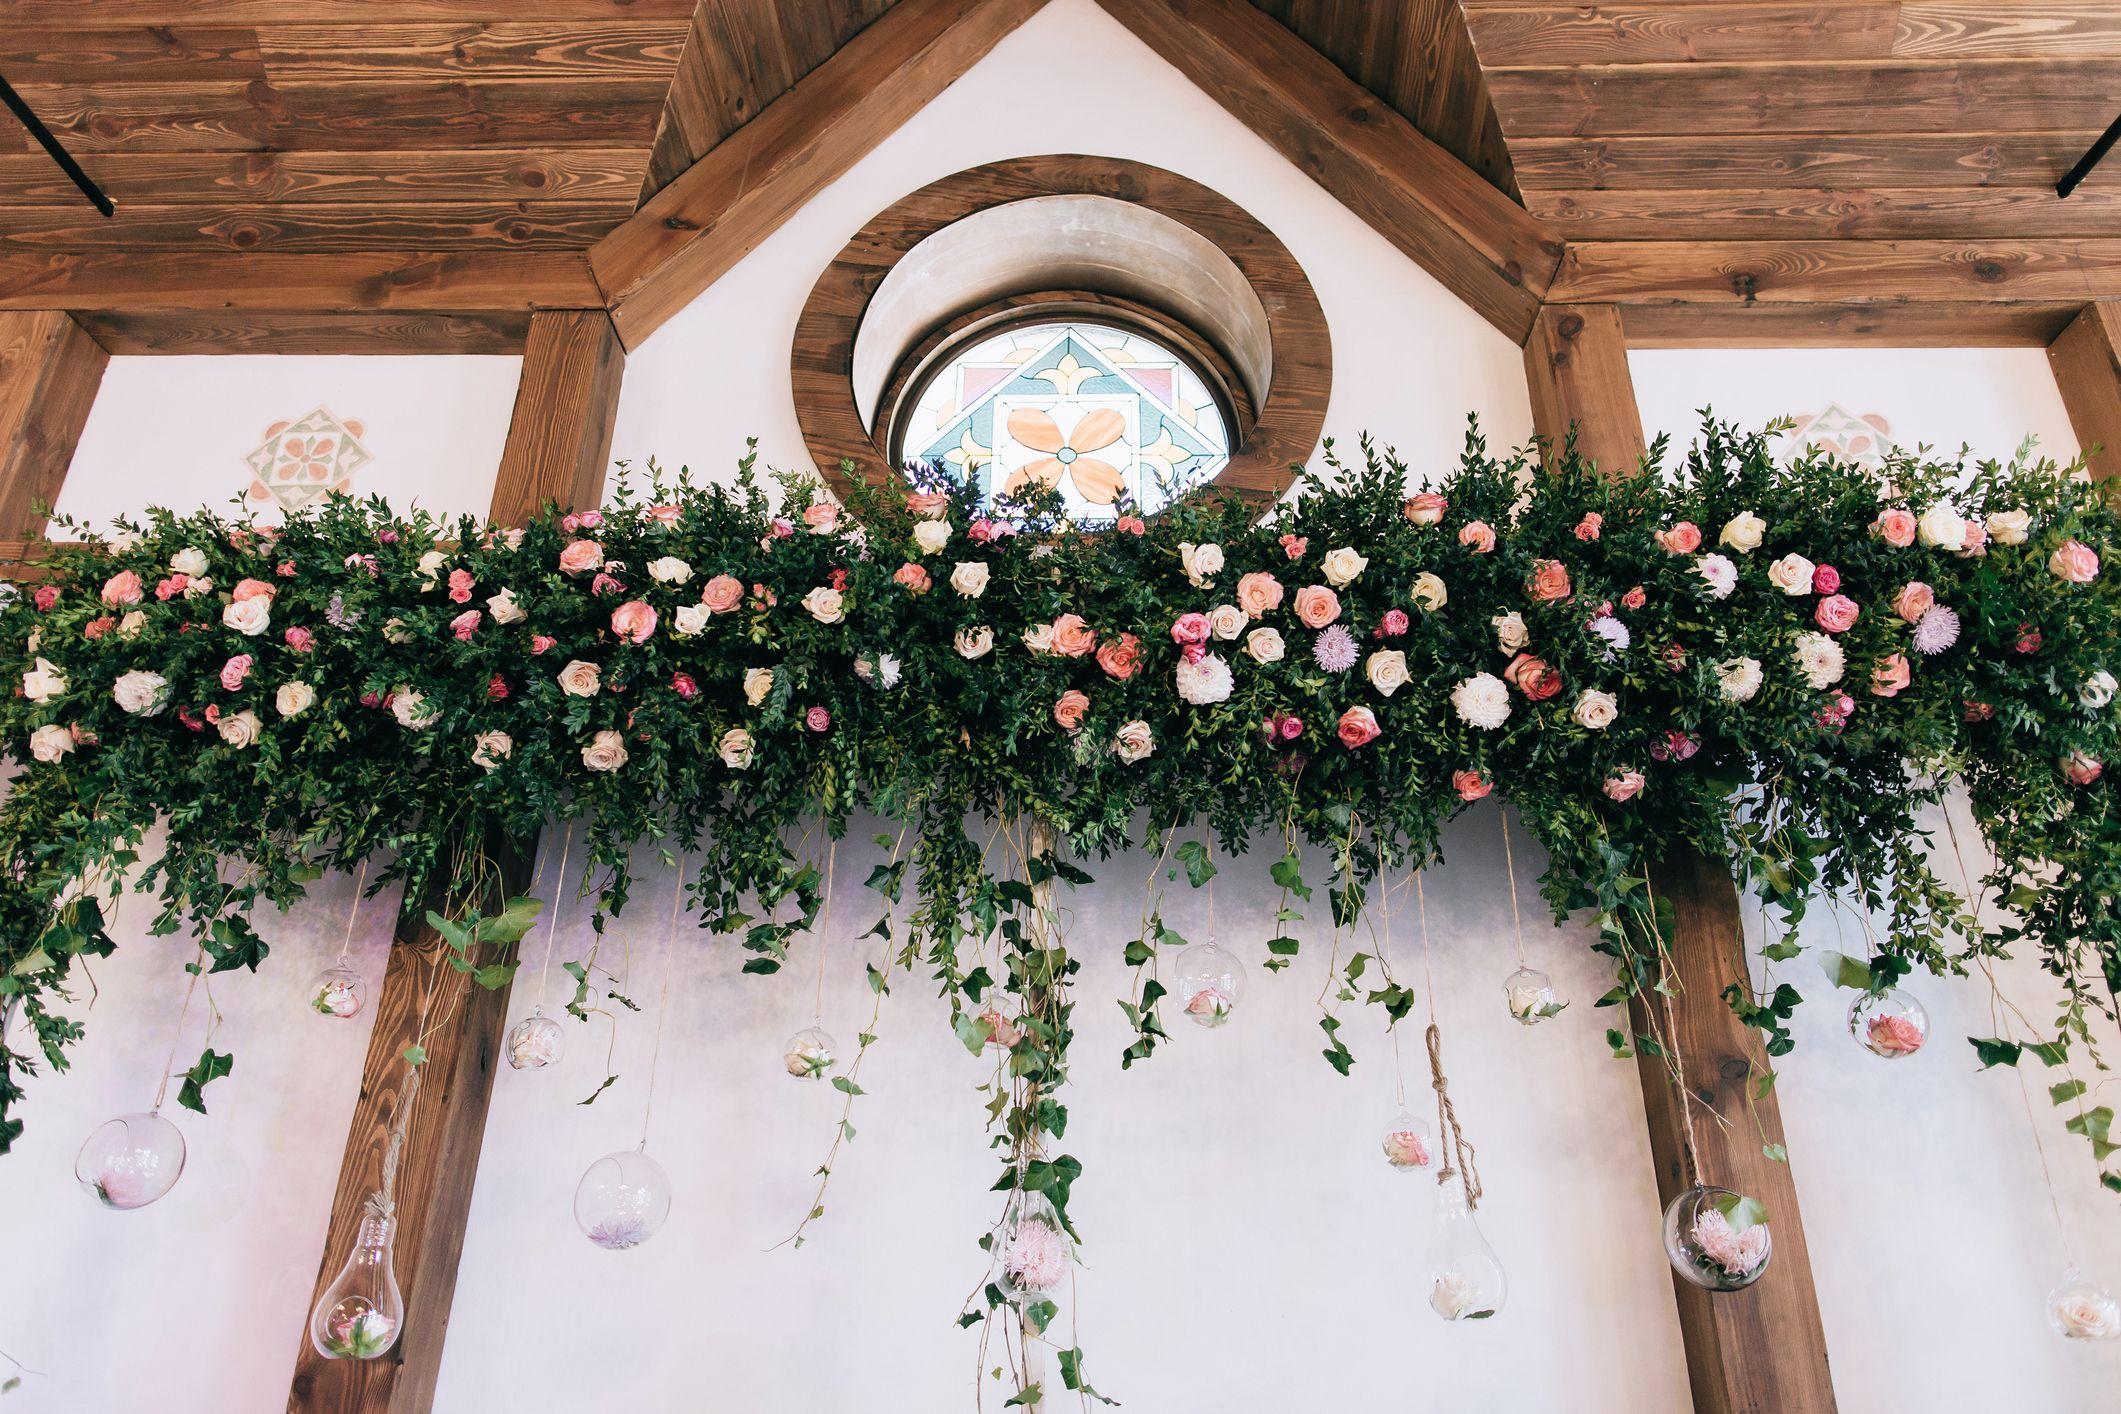 flores en el techo